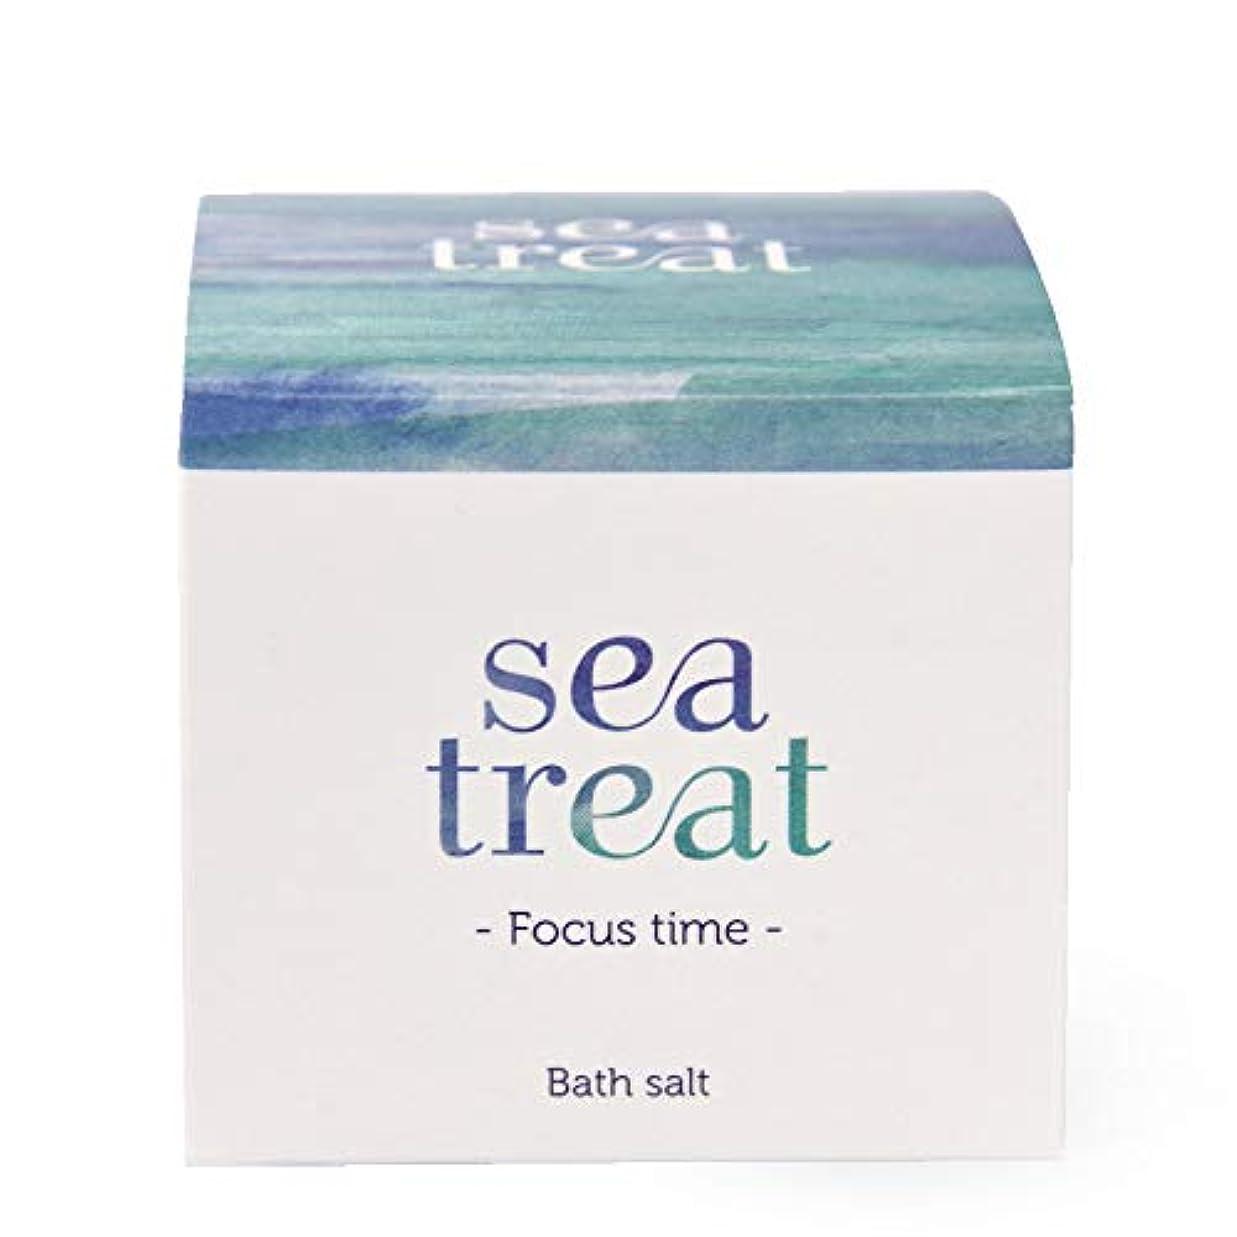 想像力豊かな変化するラグsea treat バスソルト Bath salt -Foucus time- ペパーミント?ユーカリ?ローズマリーの香り